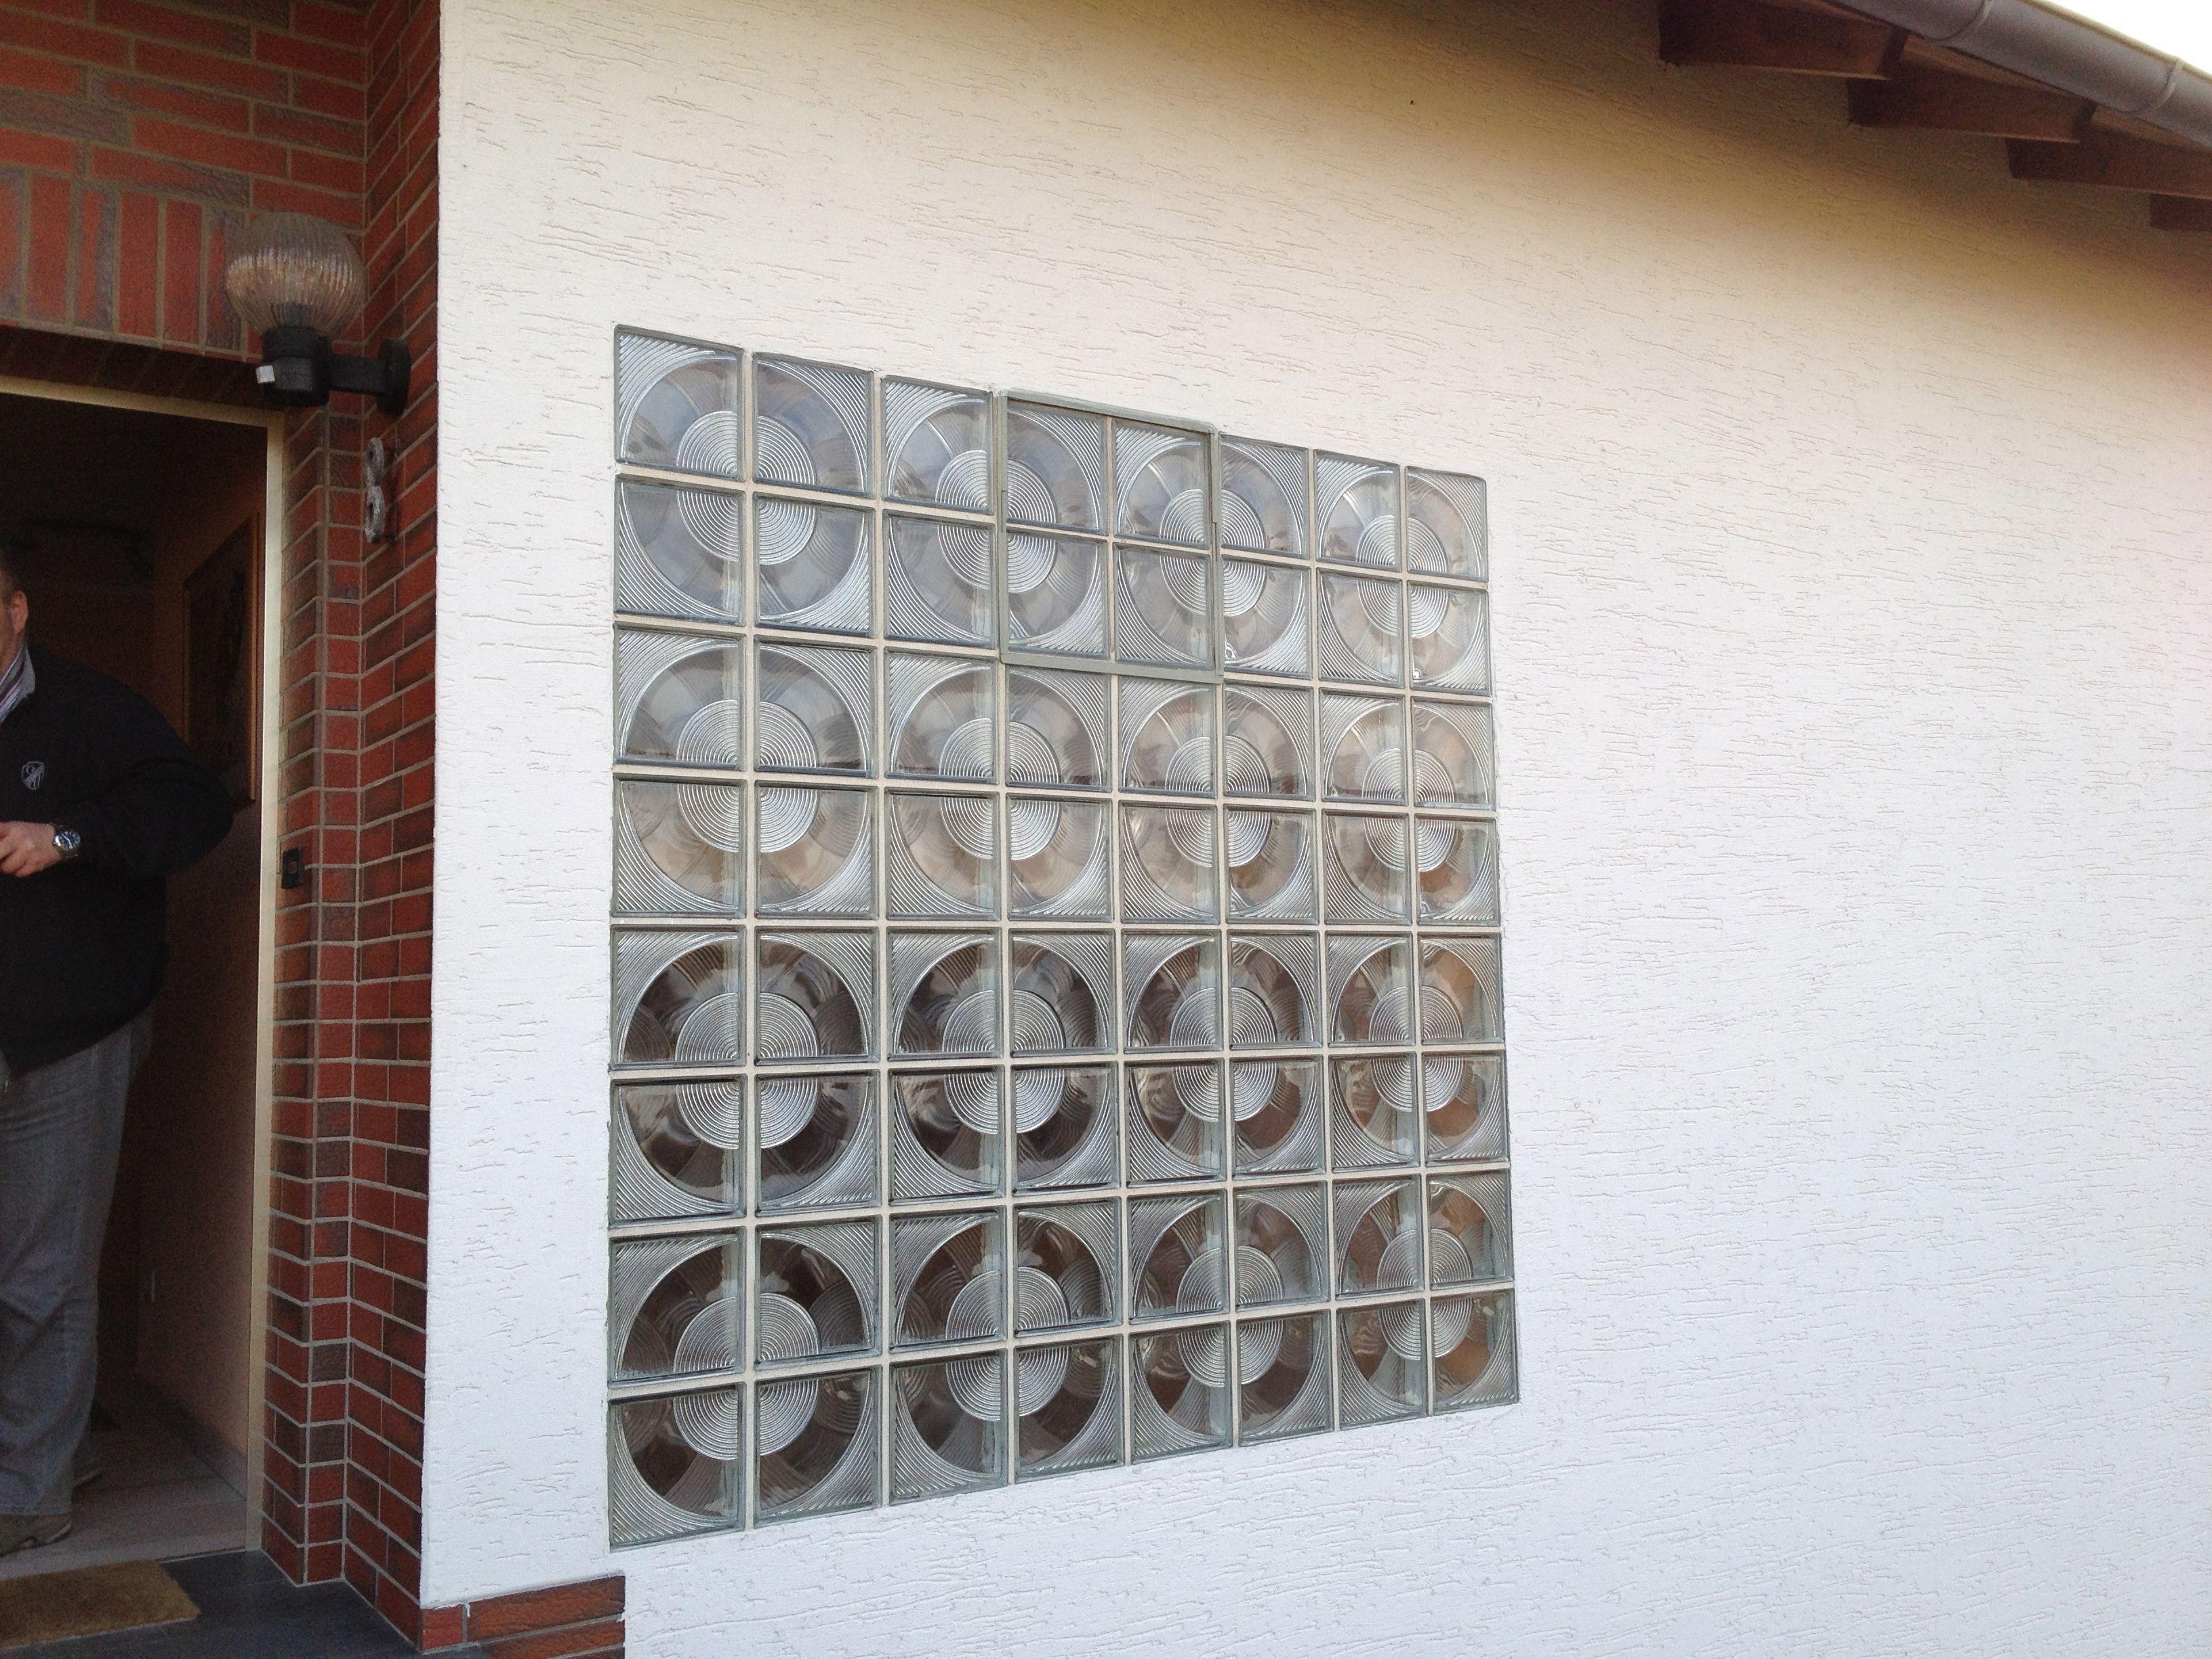 Glasbausteine durch richtige fenster ersetzen bauanleitung zum bank - Glasbausteine durch fenster ersetzen ...